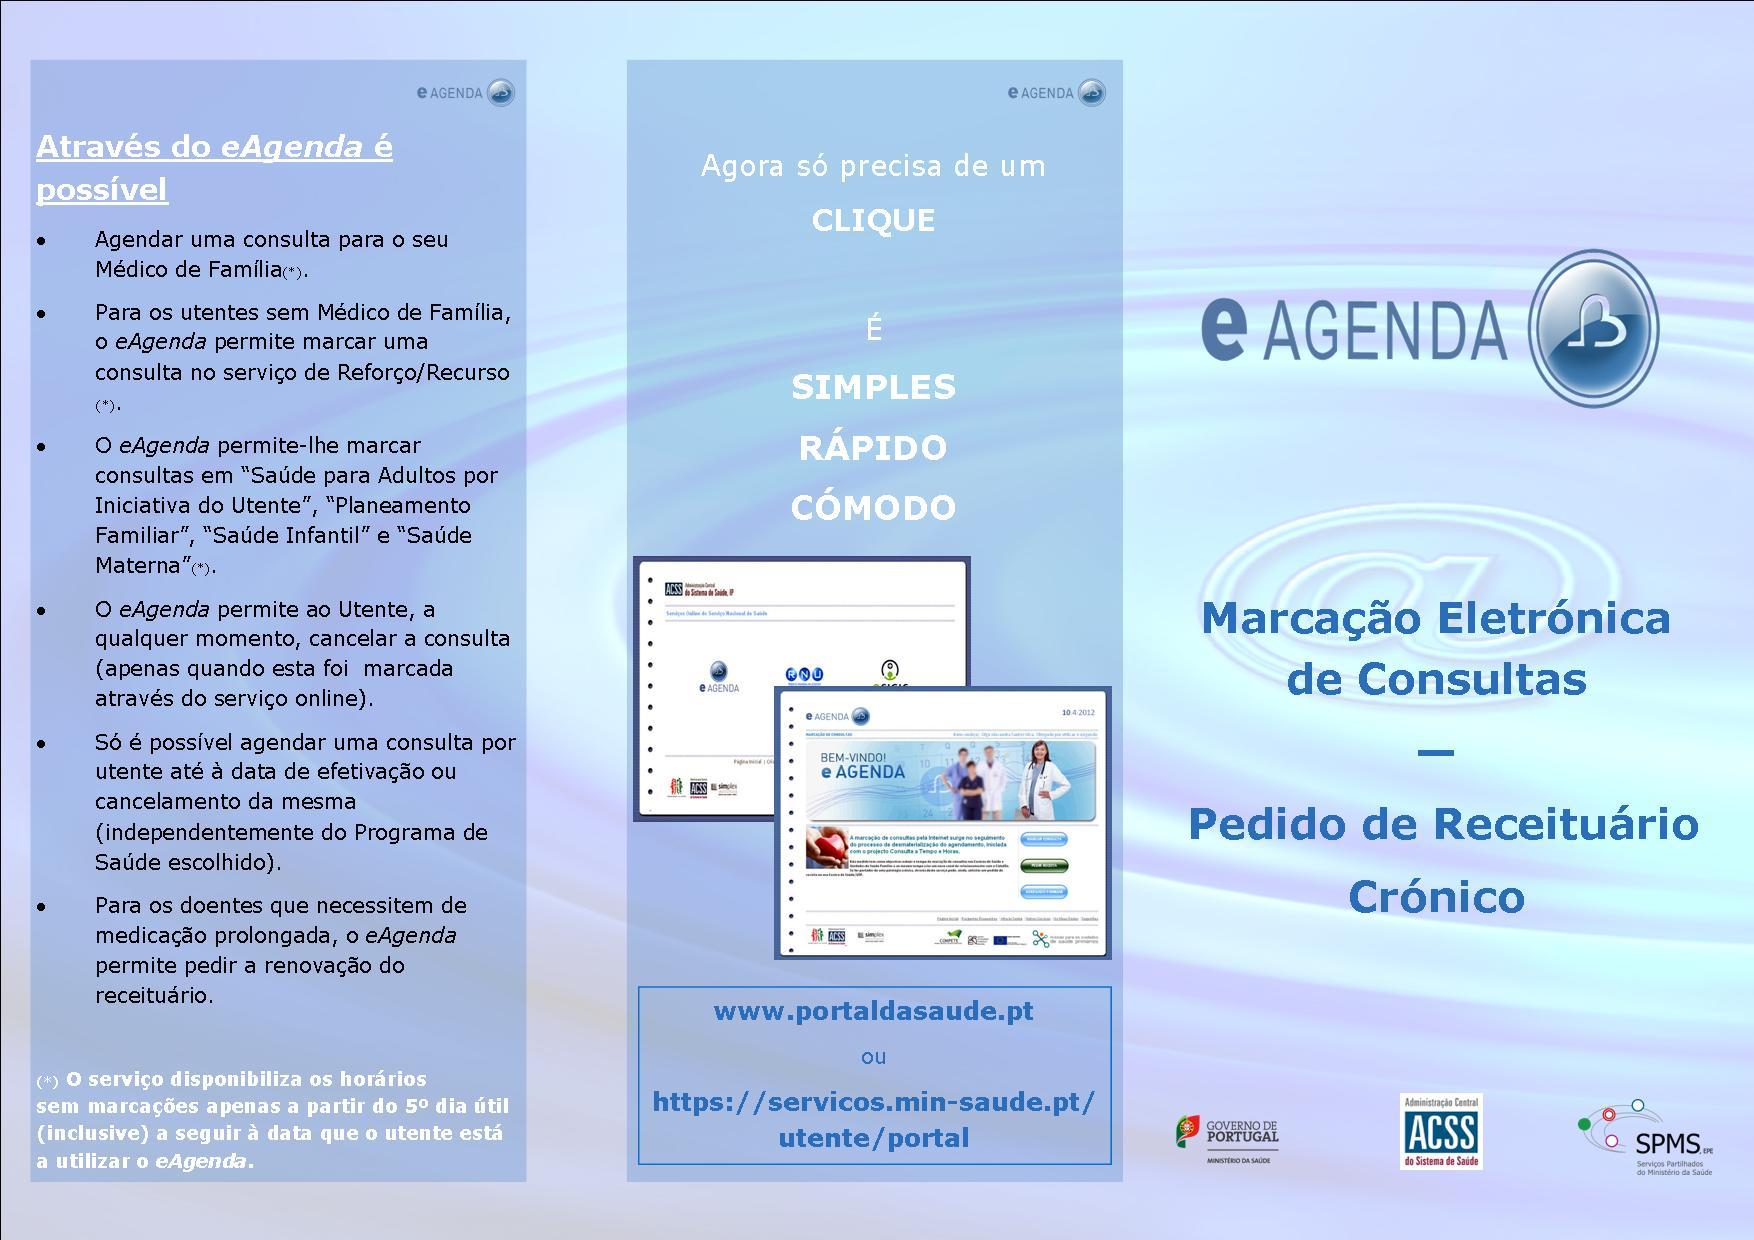 Exemplo da brochura eAgenda